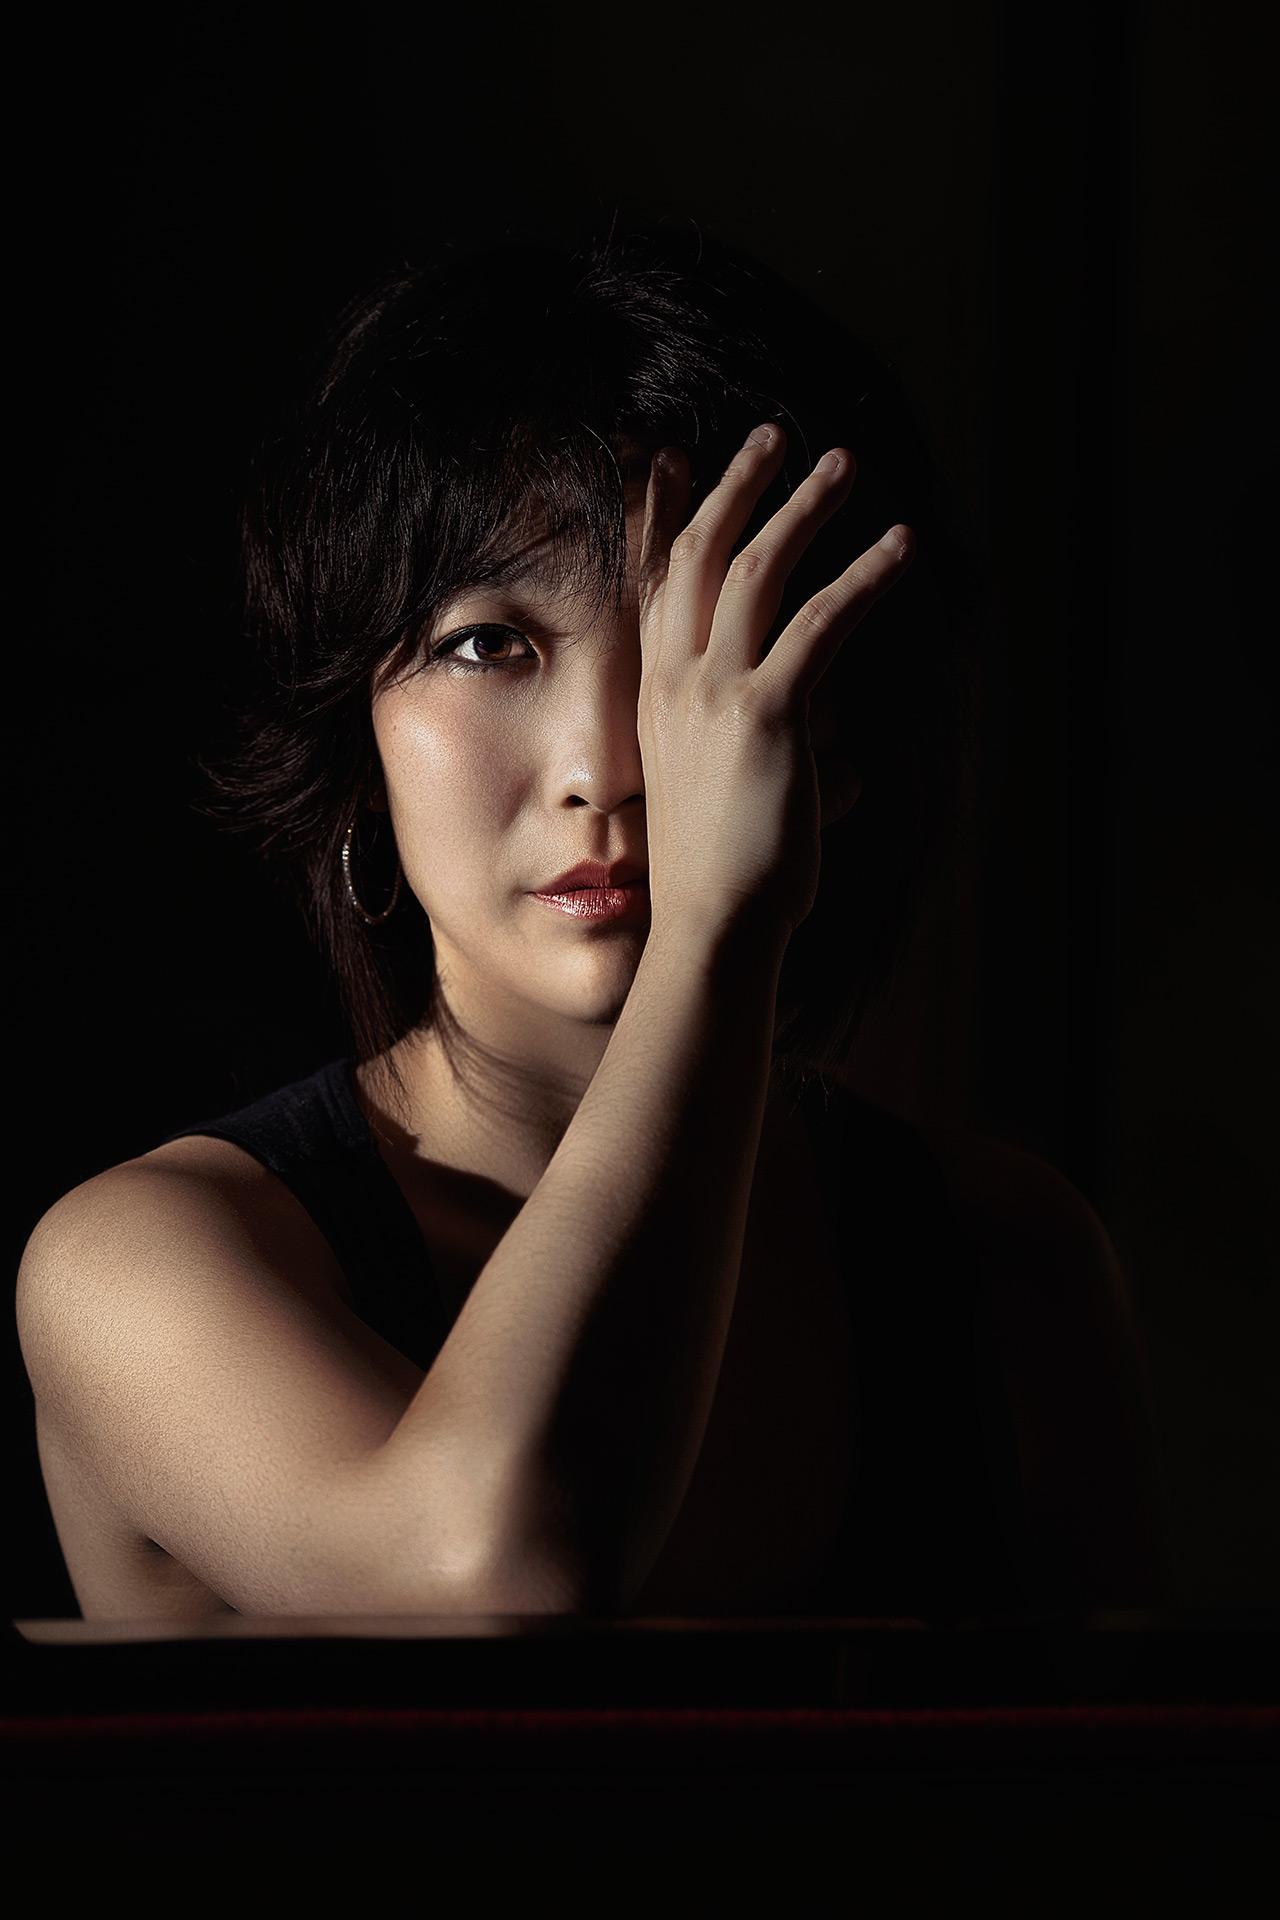 SCARLATTI Eight Sonatas in G Major, K. 260, 13, 124, 125, 144, 454, 470, 284 - Claire Huangci, piano